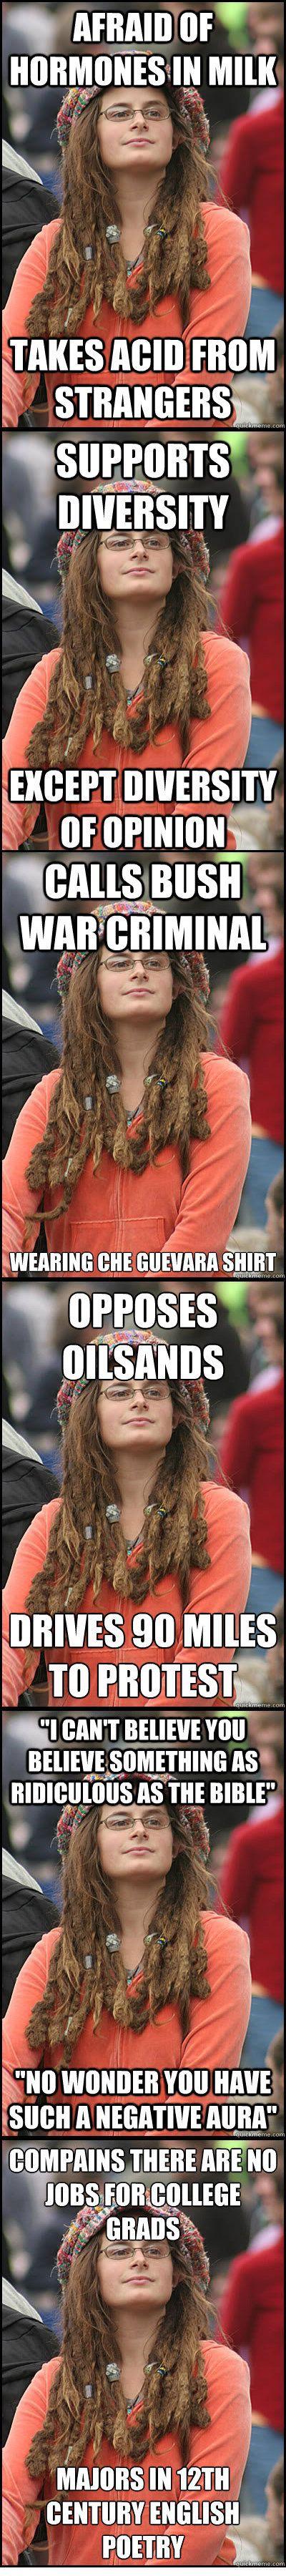 bahaha, but I still love hippies.